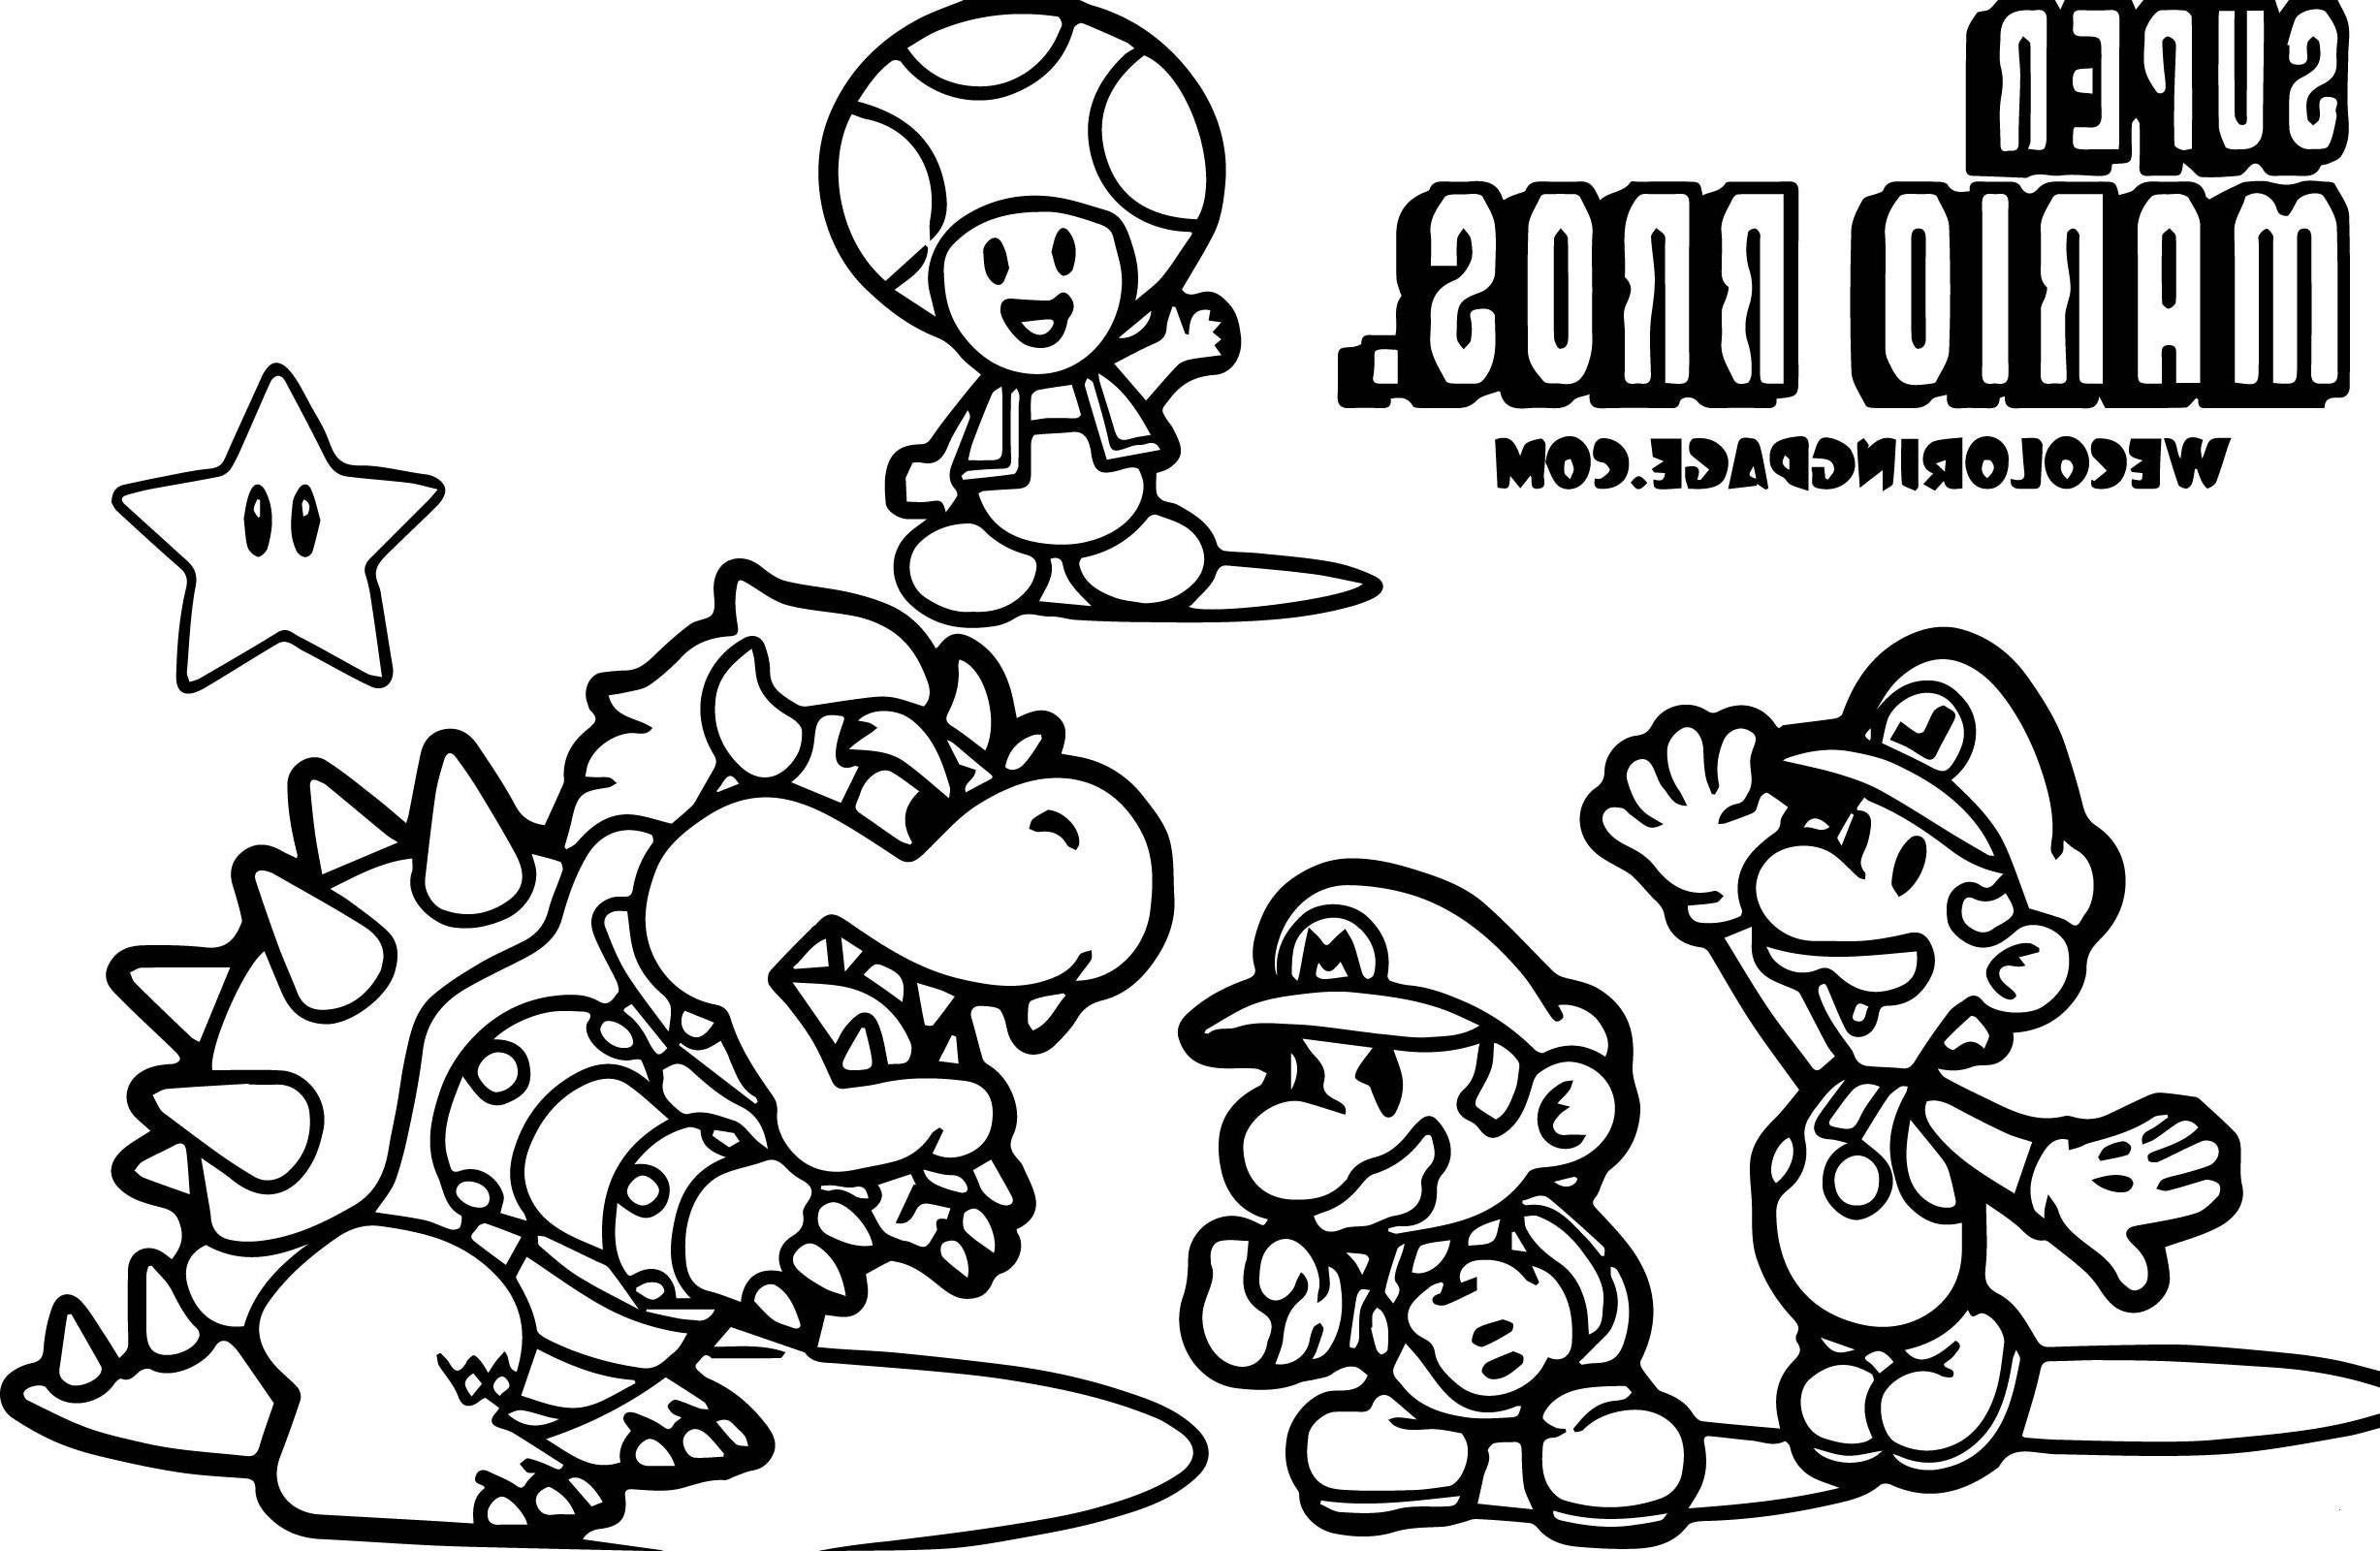 Super Mario Ausmalbilder Neu 28 Inspirierend Ausmalbild Super Mario – Malvorlagen Ideen Das Bild